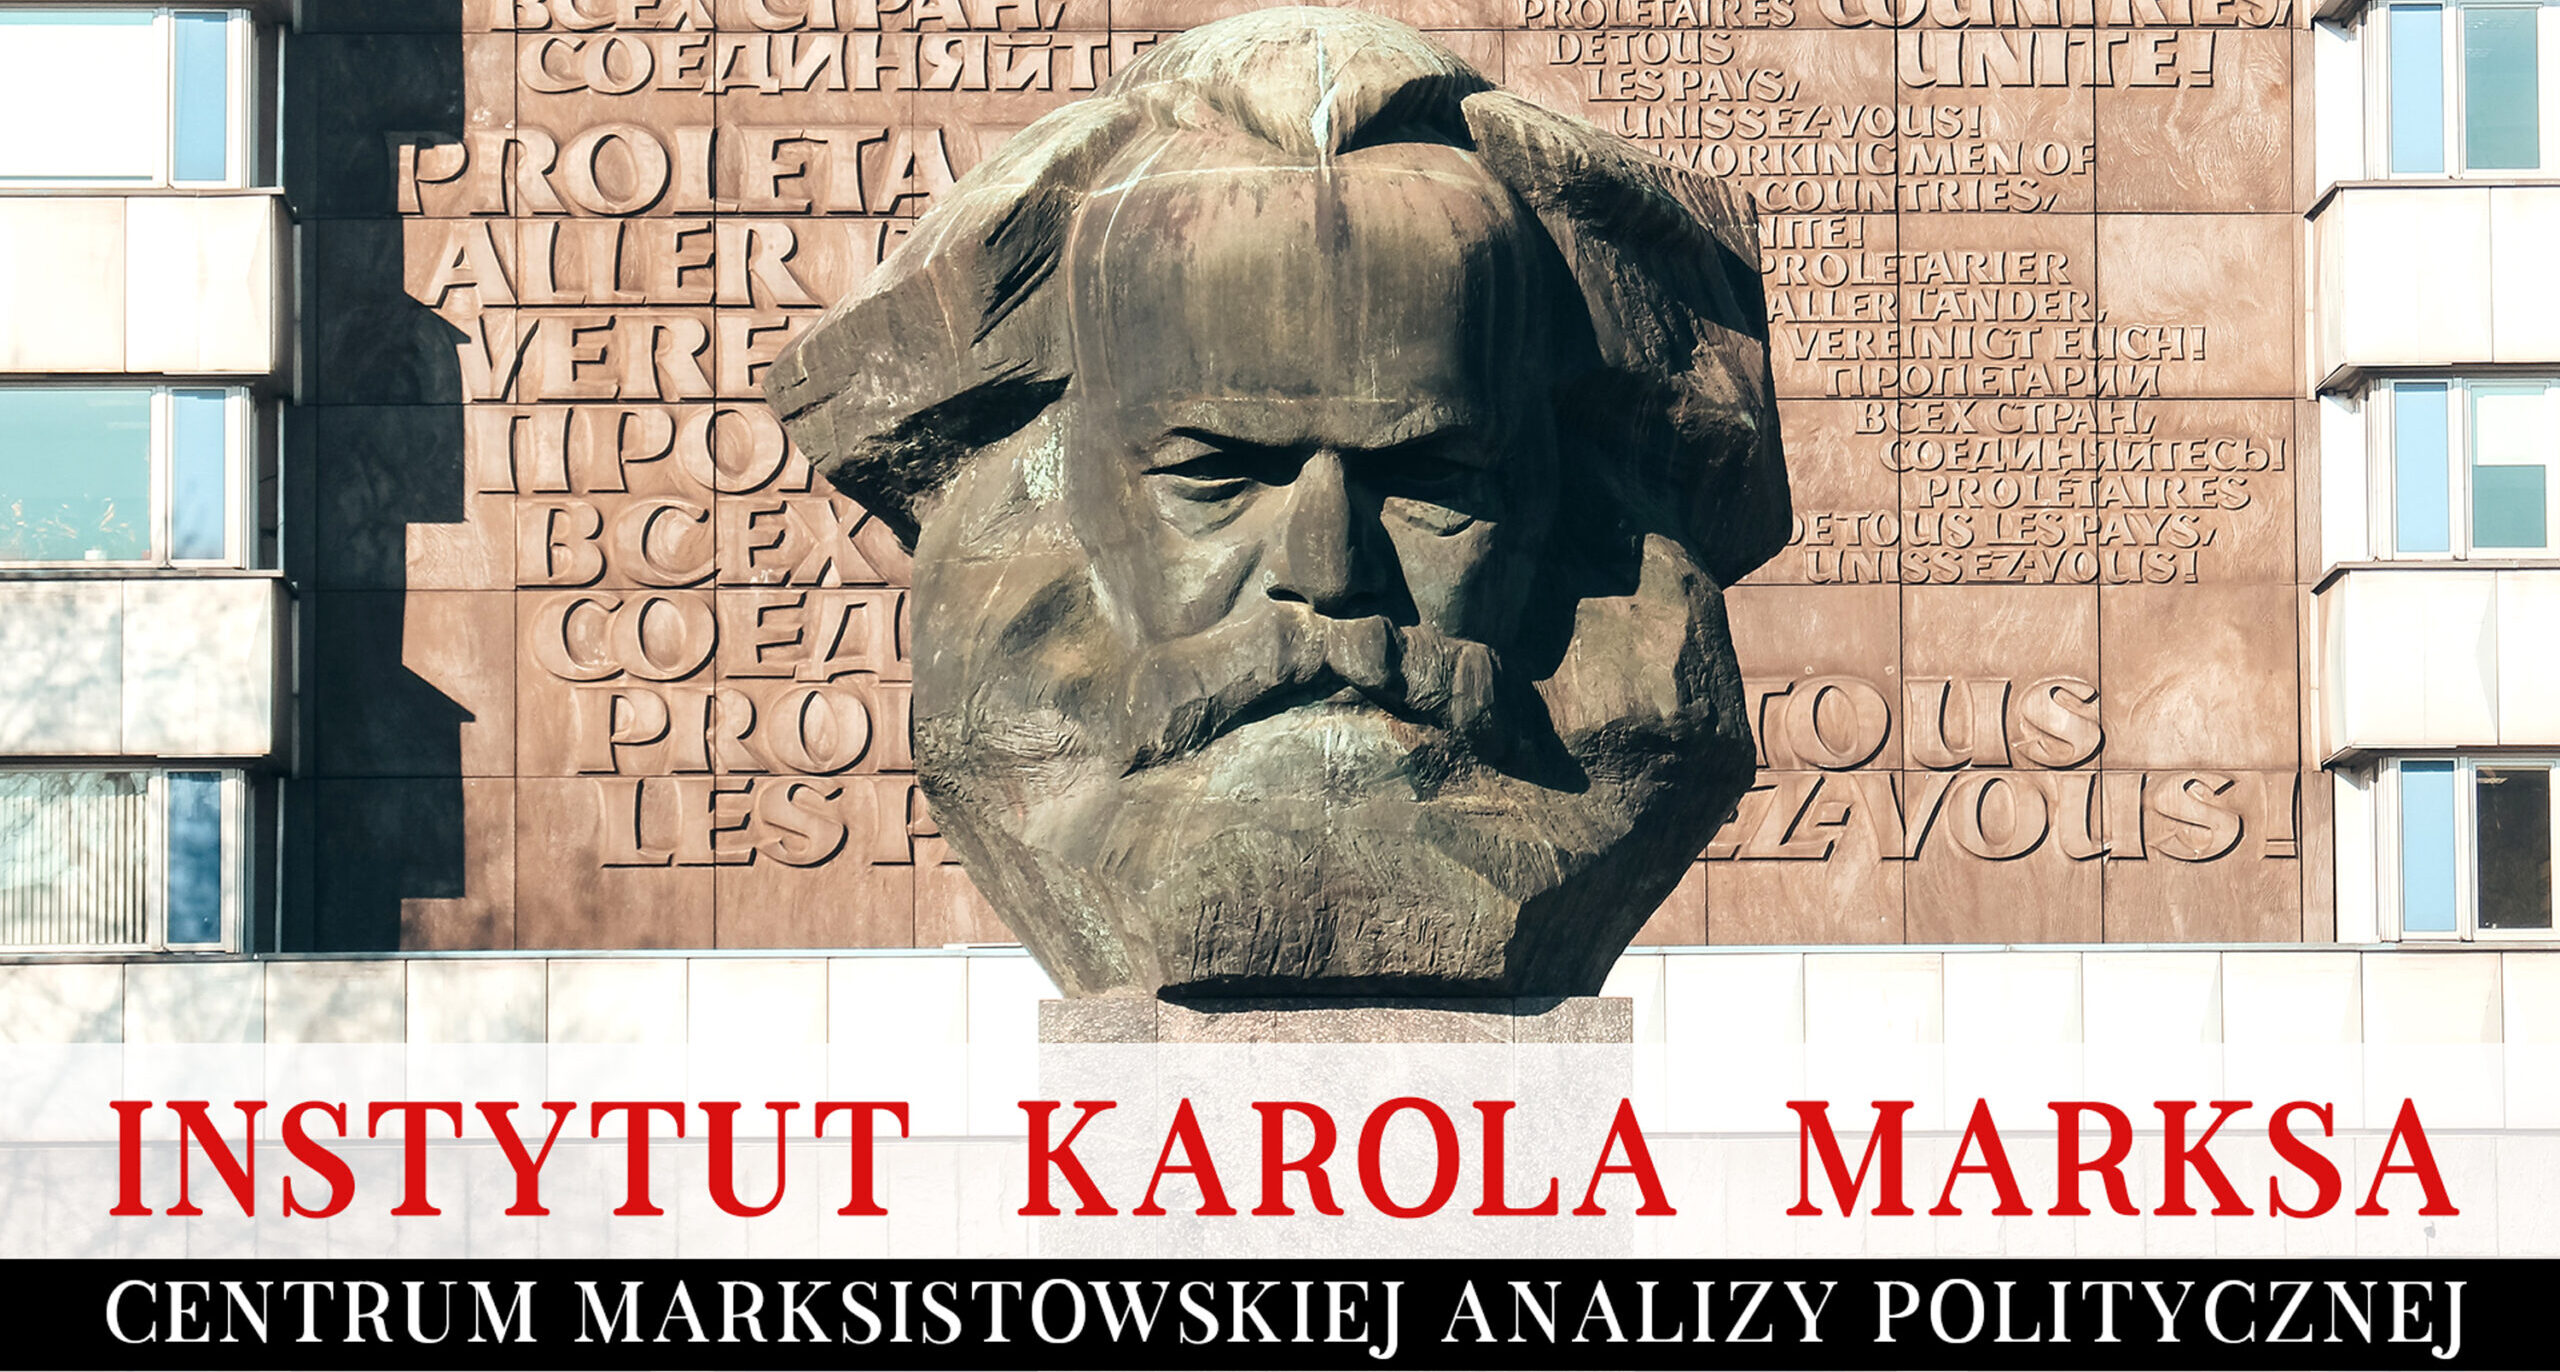 Instytut Karola Marksa – Centrum Marksistowskiej Analizy Politycznej